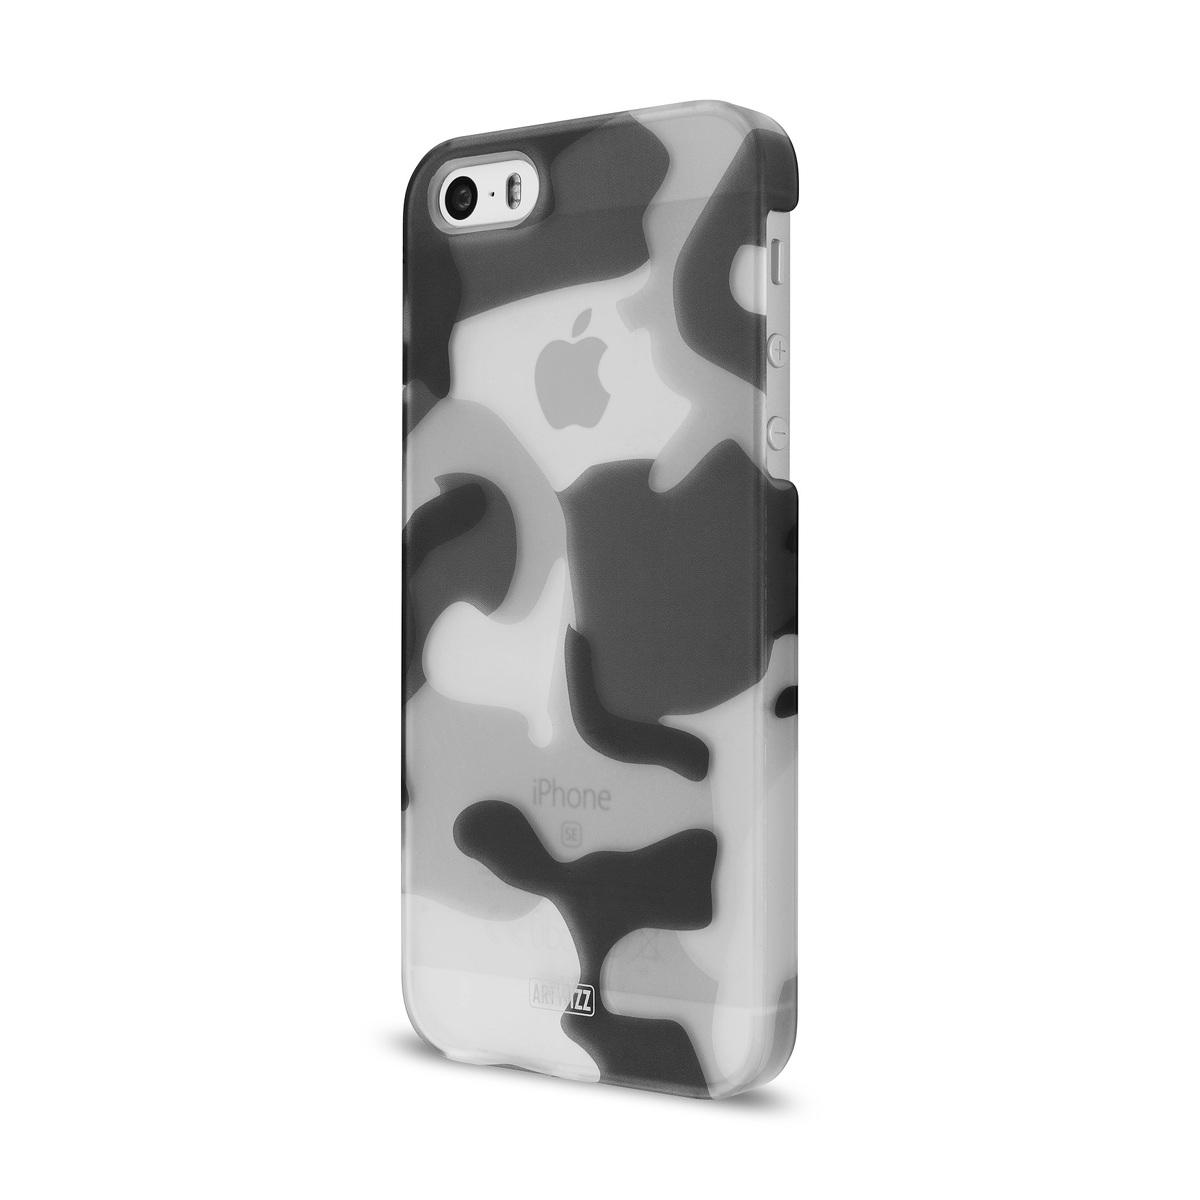 Iphone 5 5s Iphine